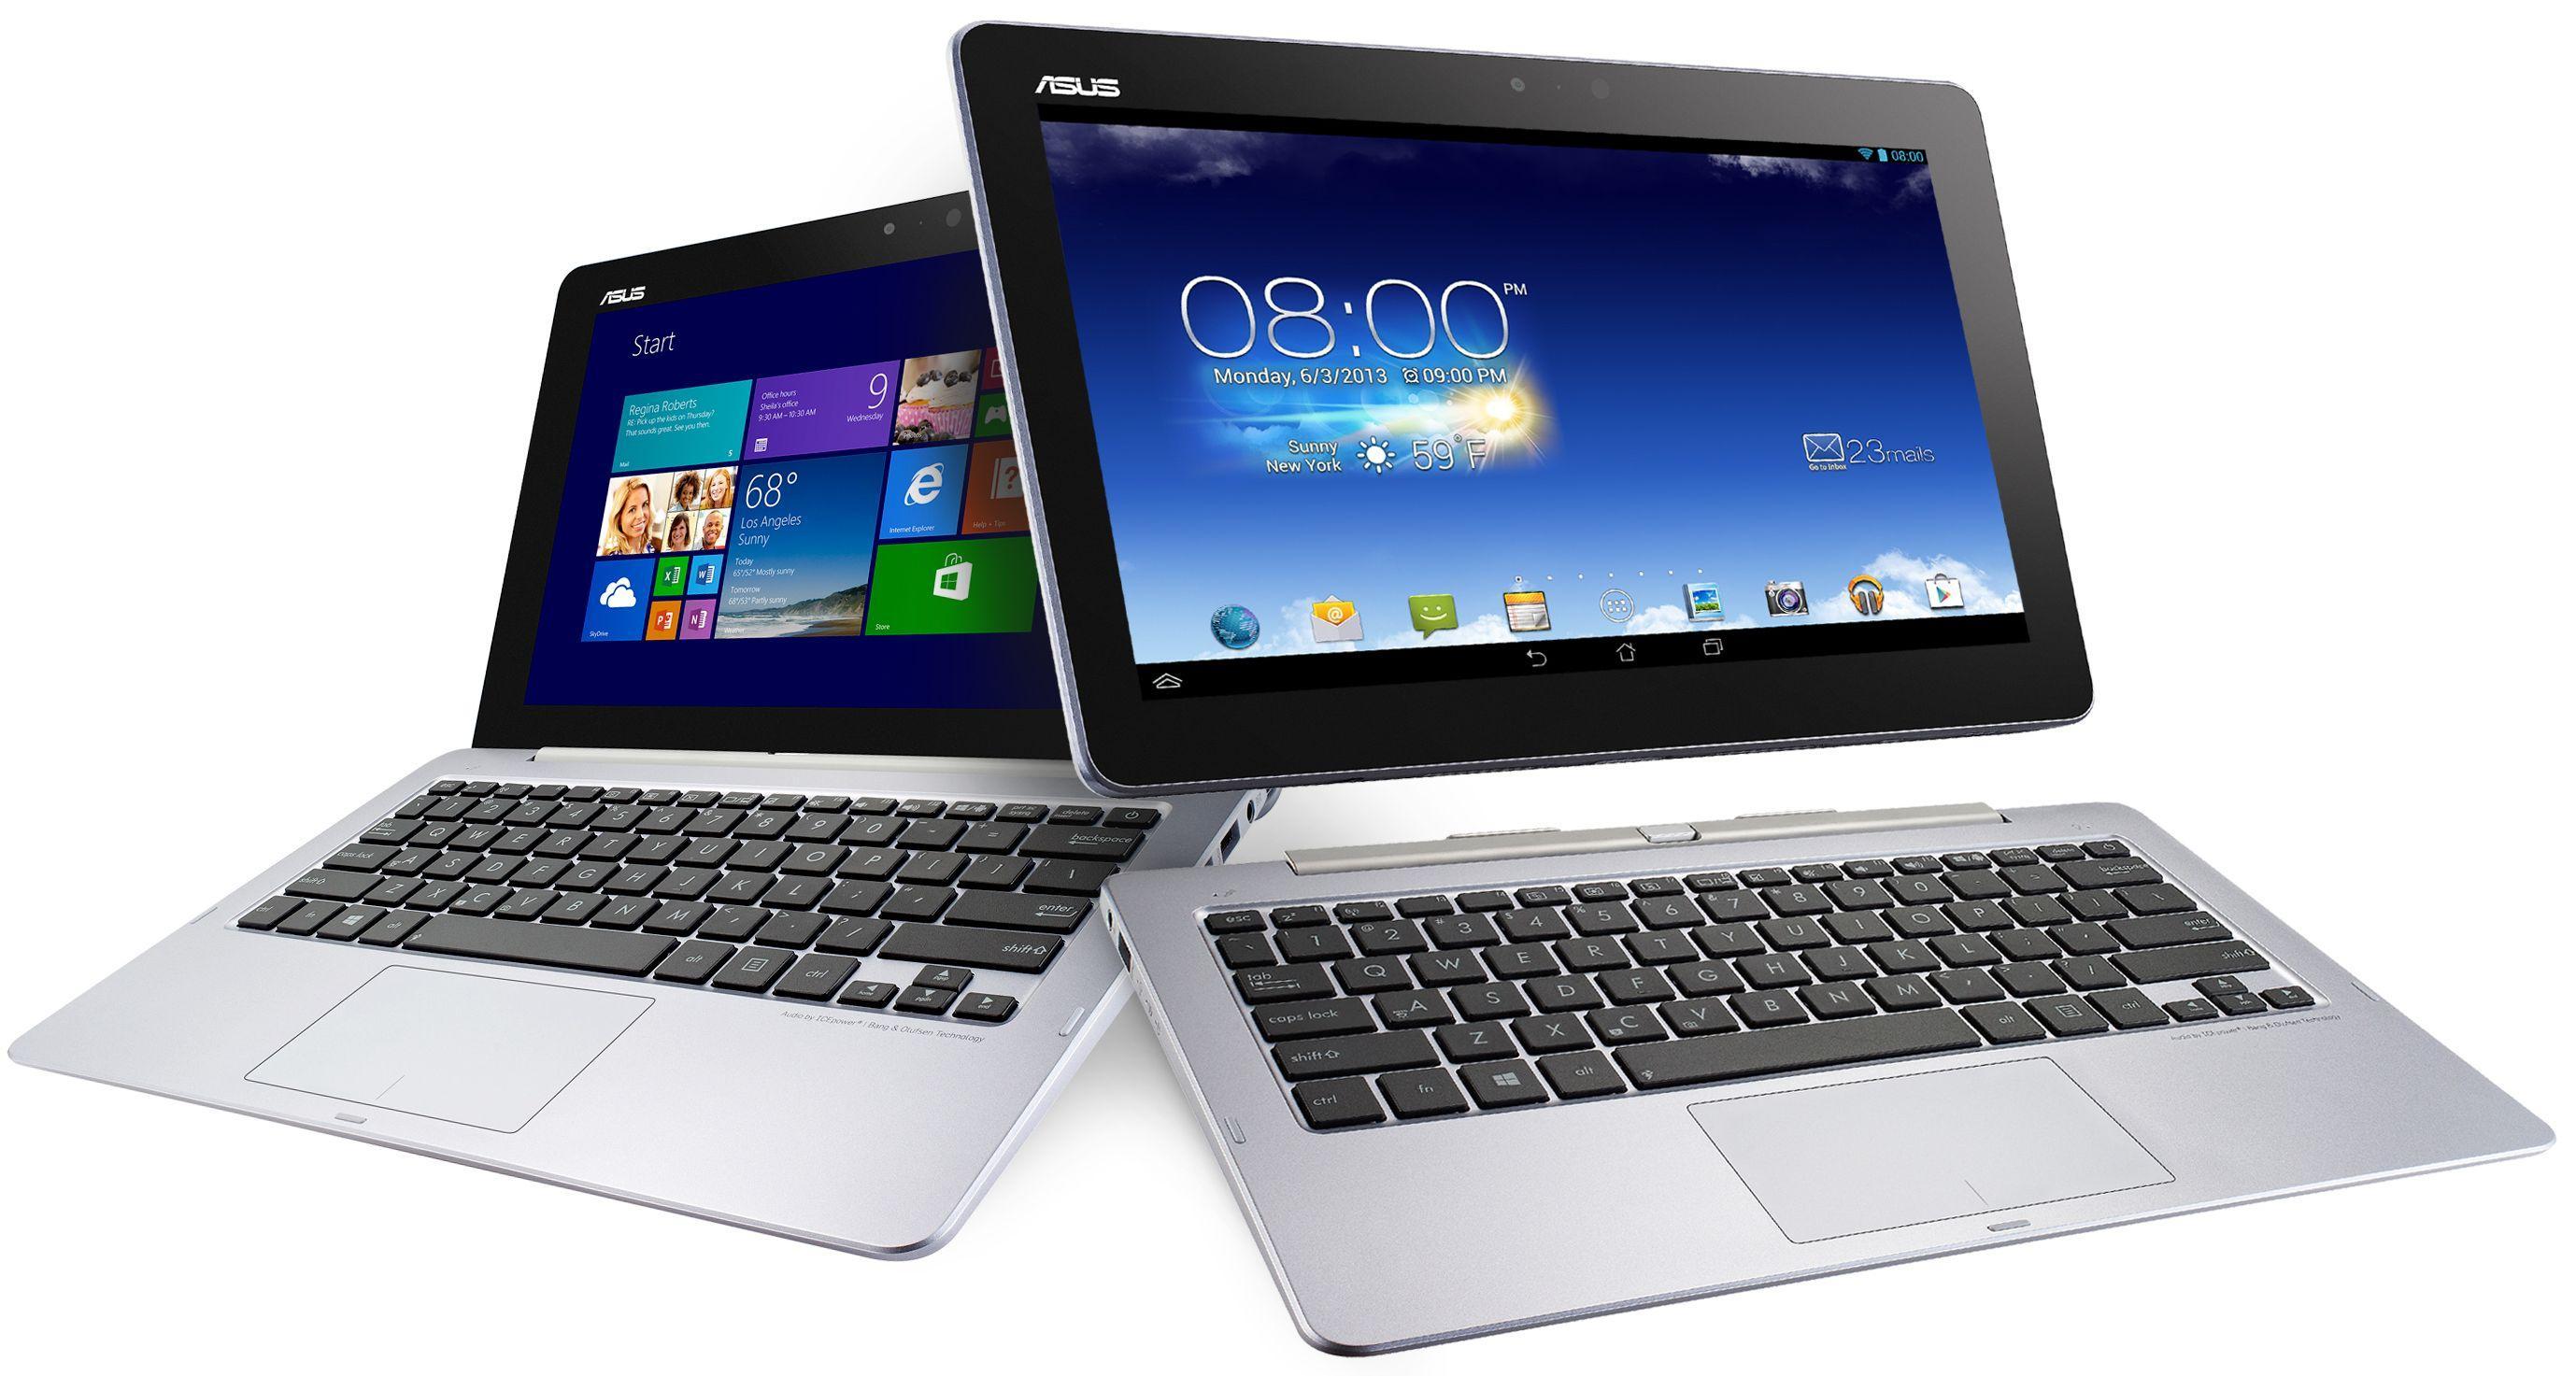 Планшет и ноутбук в одном устройстве – гибриды Samsung на Windows 8